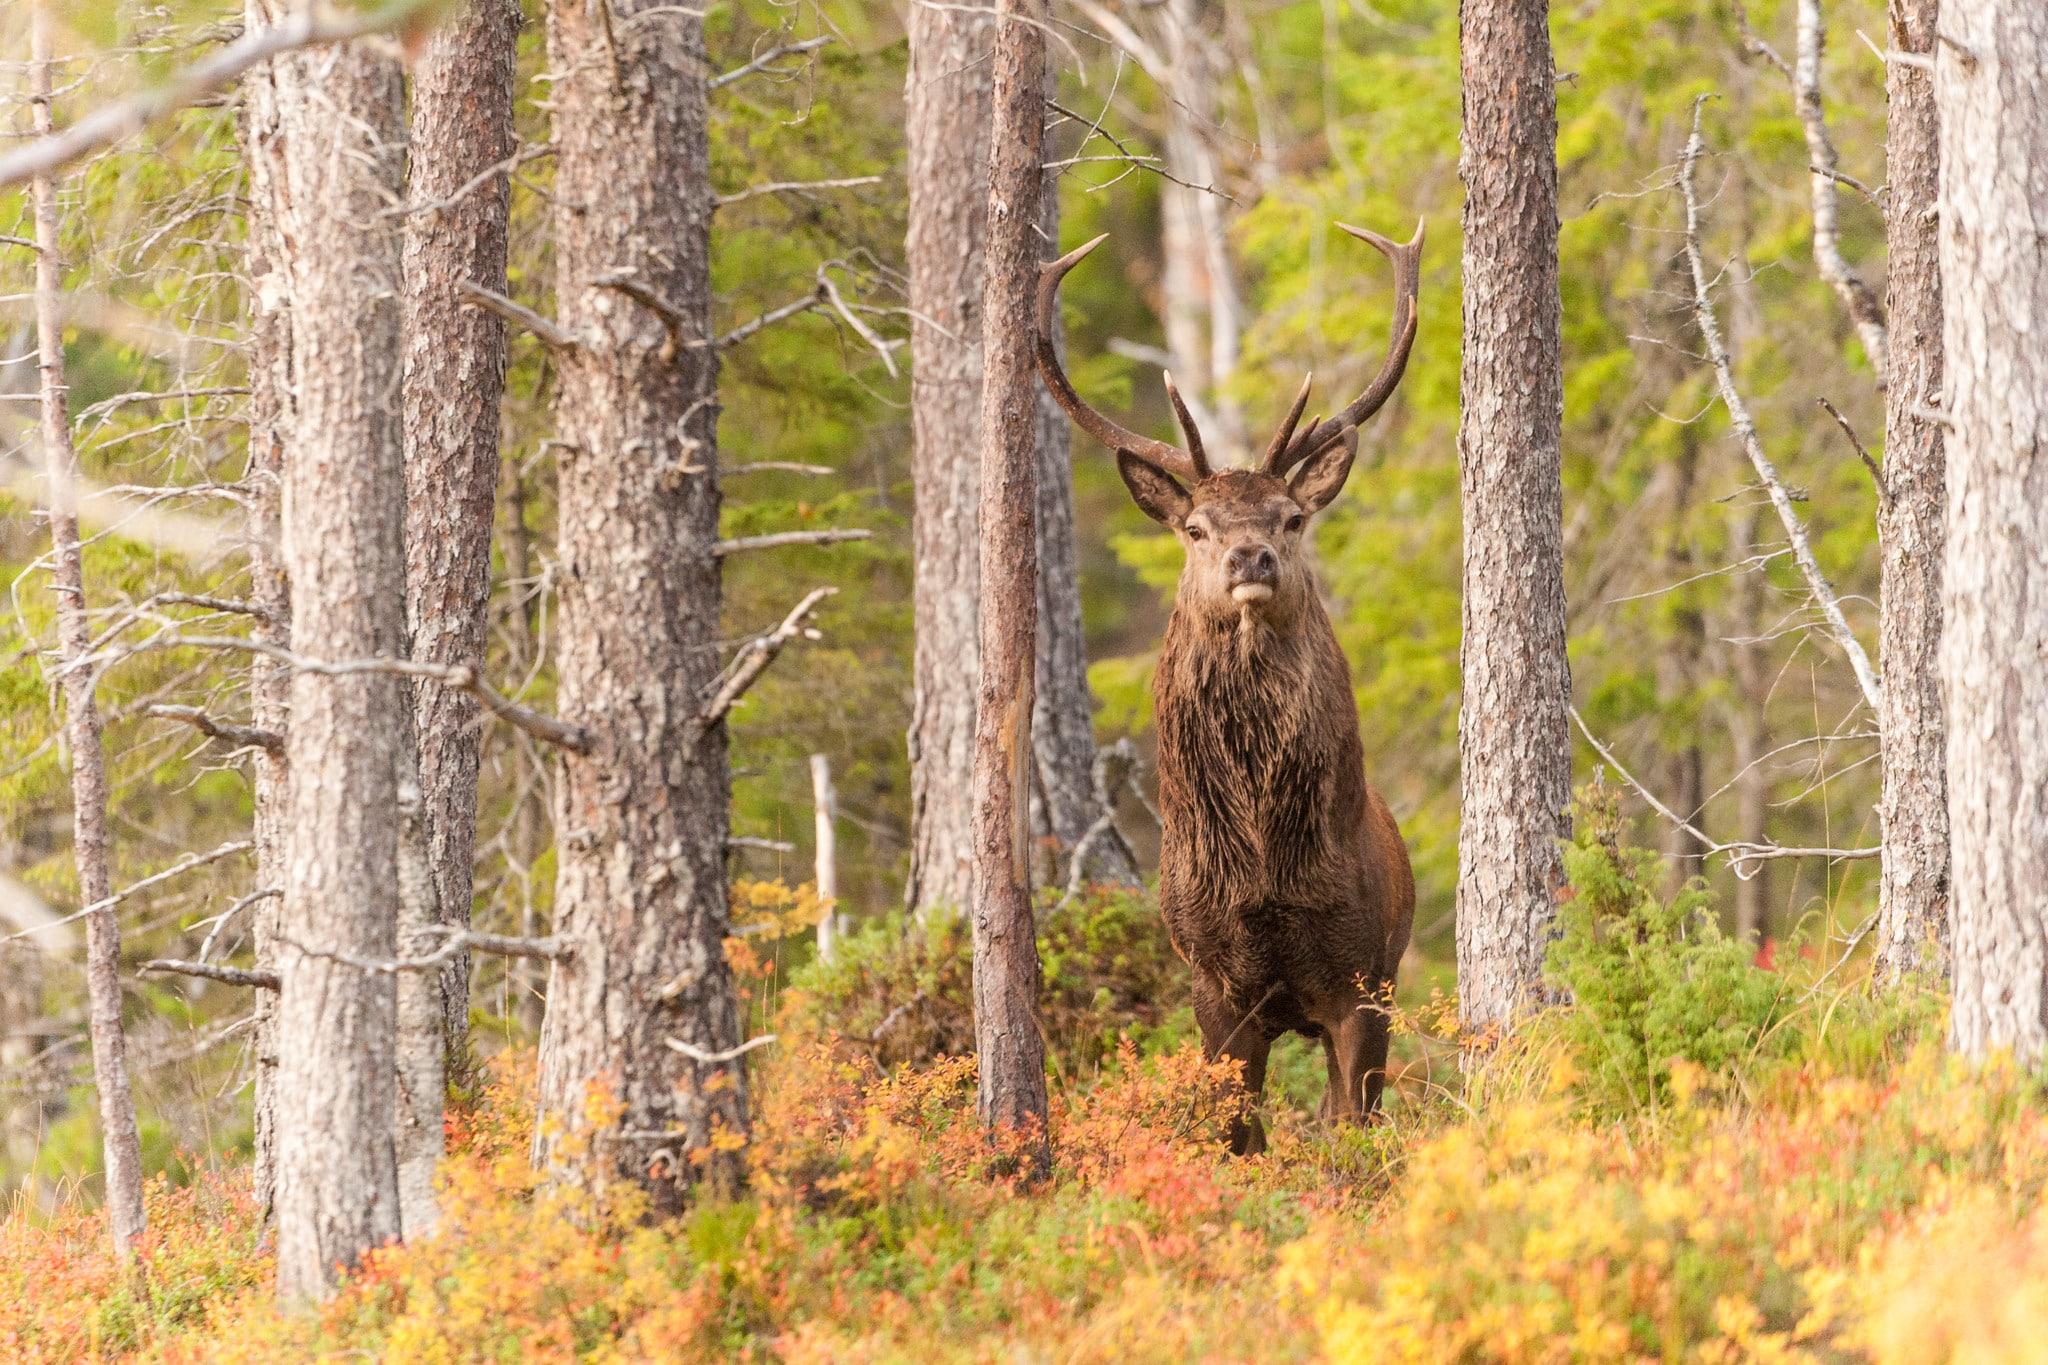 Kronviltet måste förvaltas bättre och kunskapen om arten måste öka, ansåg flera av dem som deltog på ett seminarium om kronviltet på Öster Malma. Foto: Kjell Erik Moseid